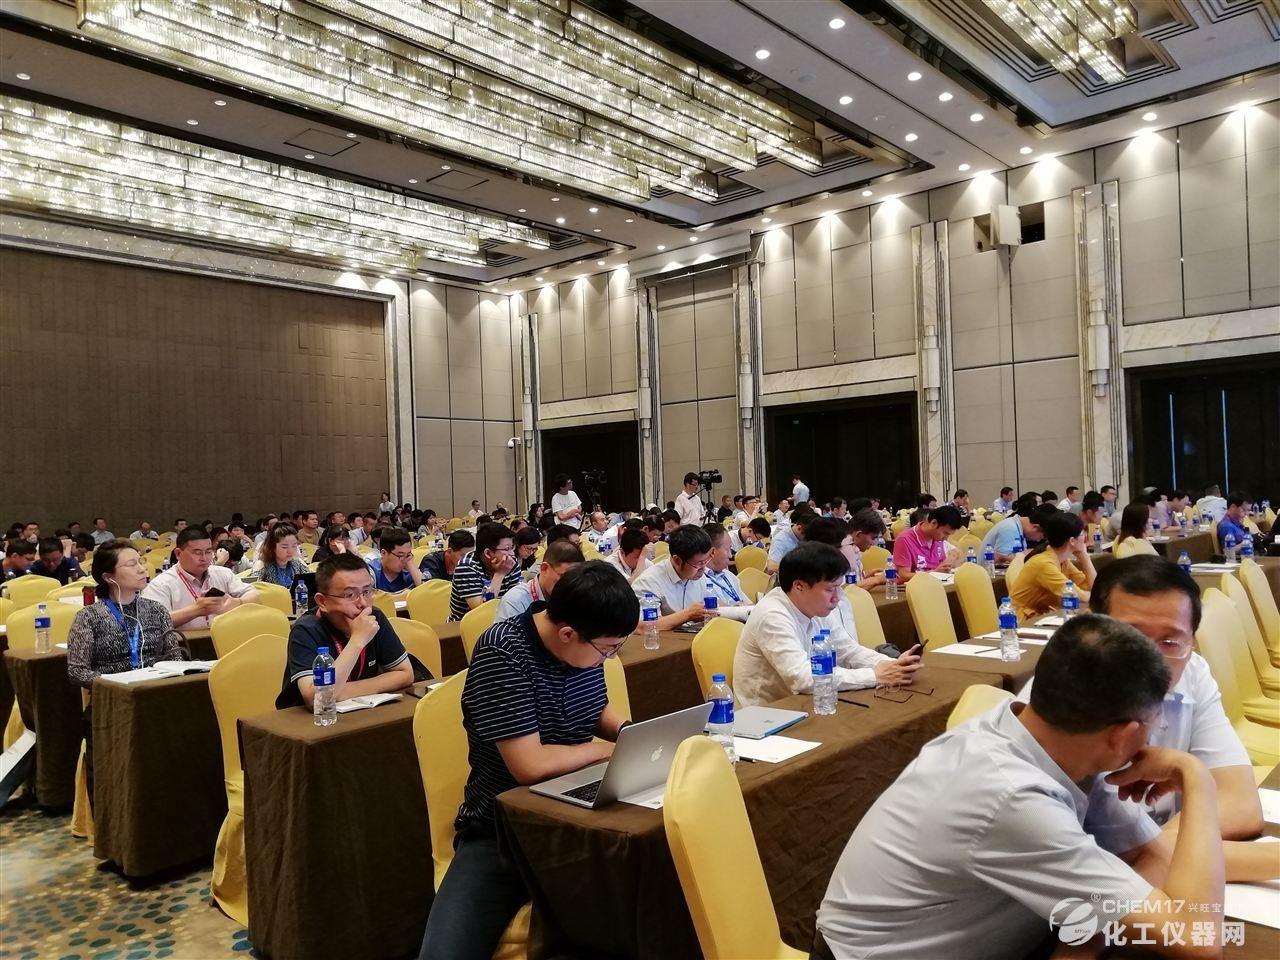 杨鹏宇:开放科技资源服务国产仪器行业新模式研究与探索